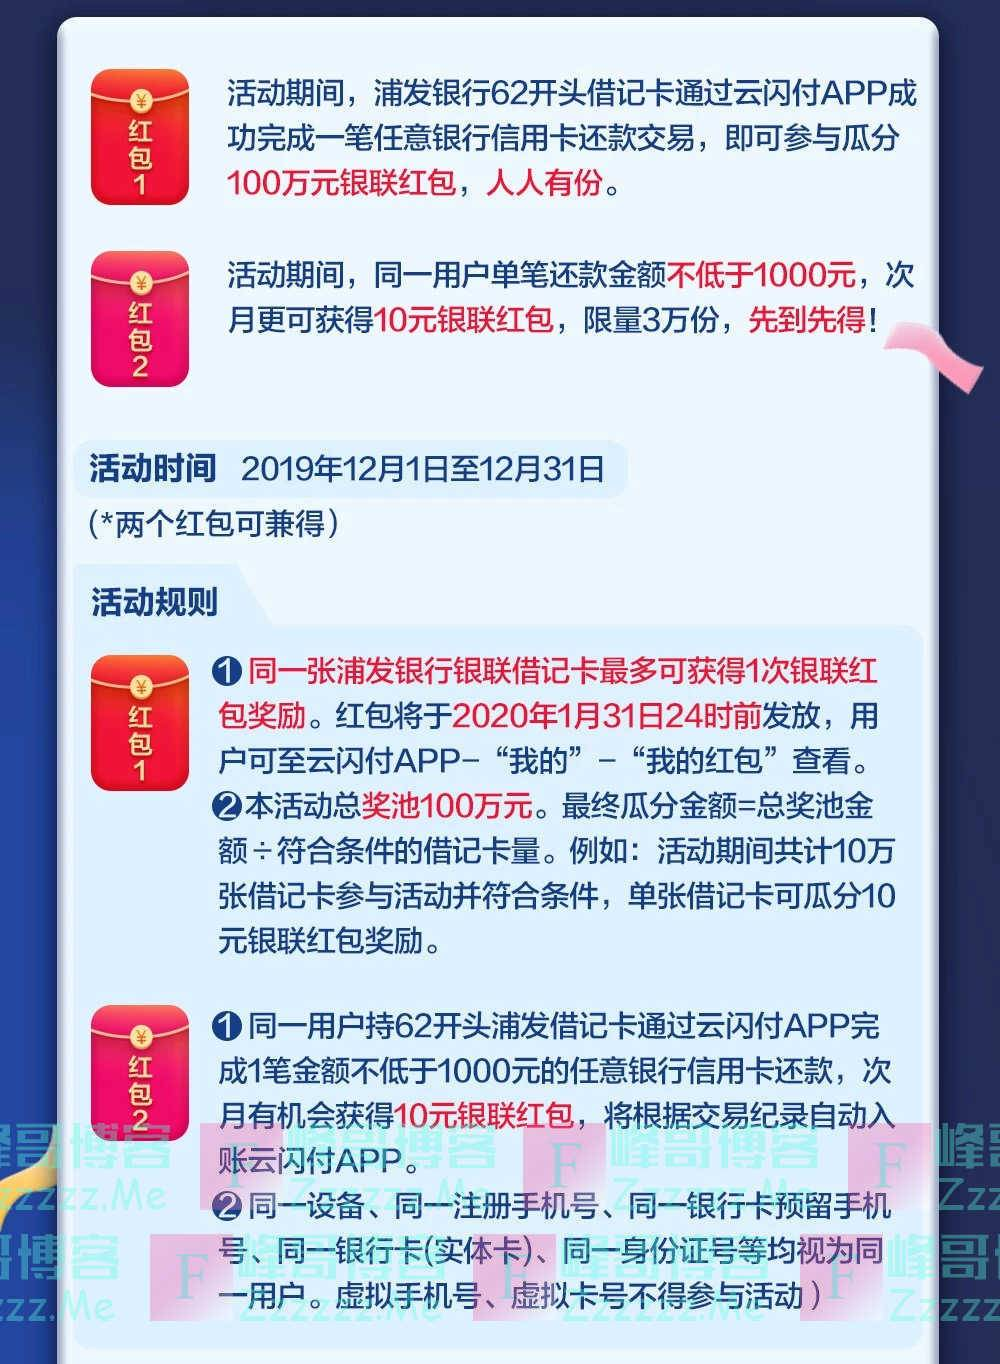 浦发银行百万红包雨(12月31日截止)